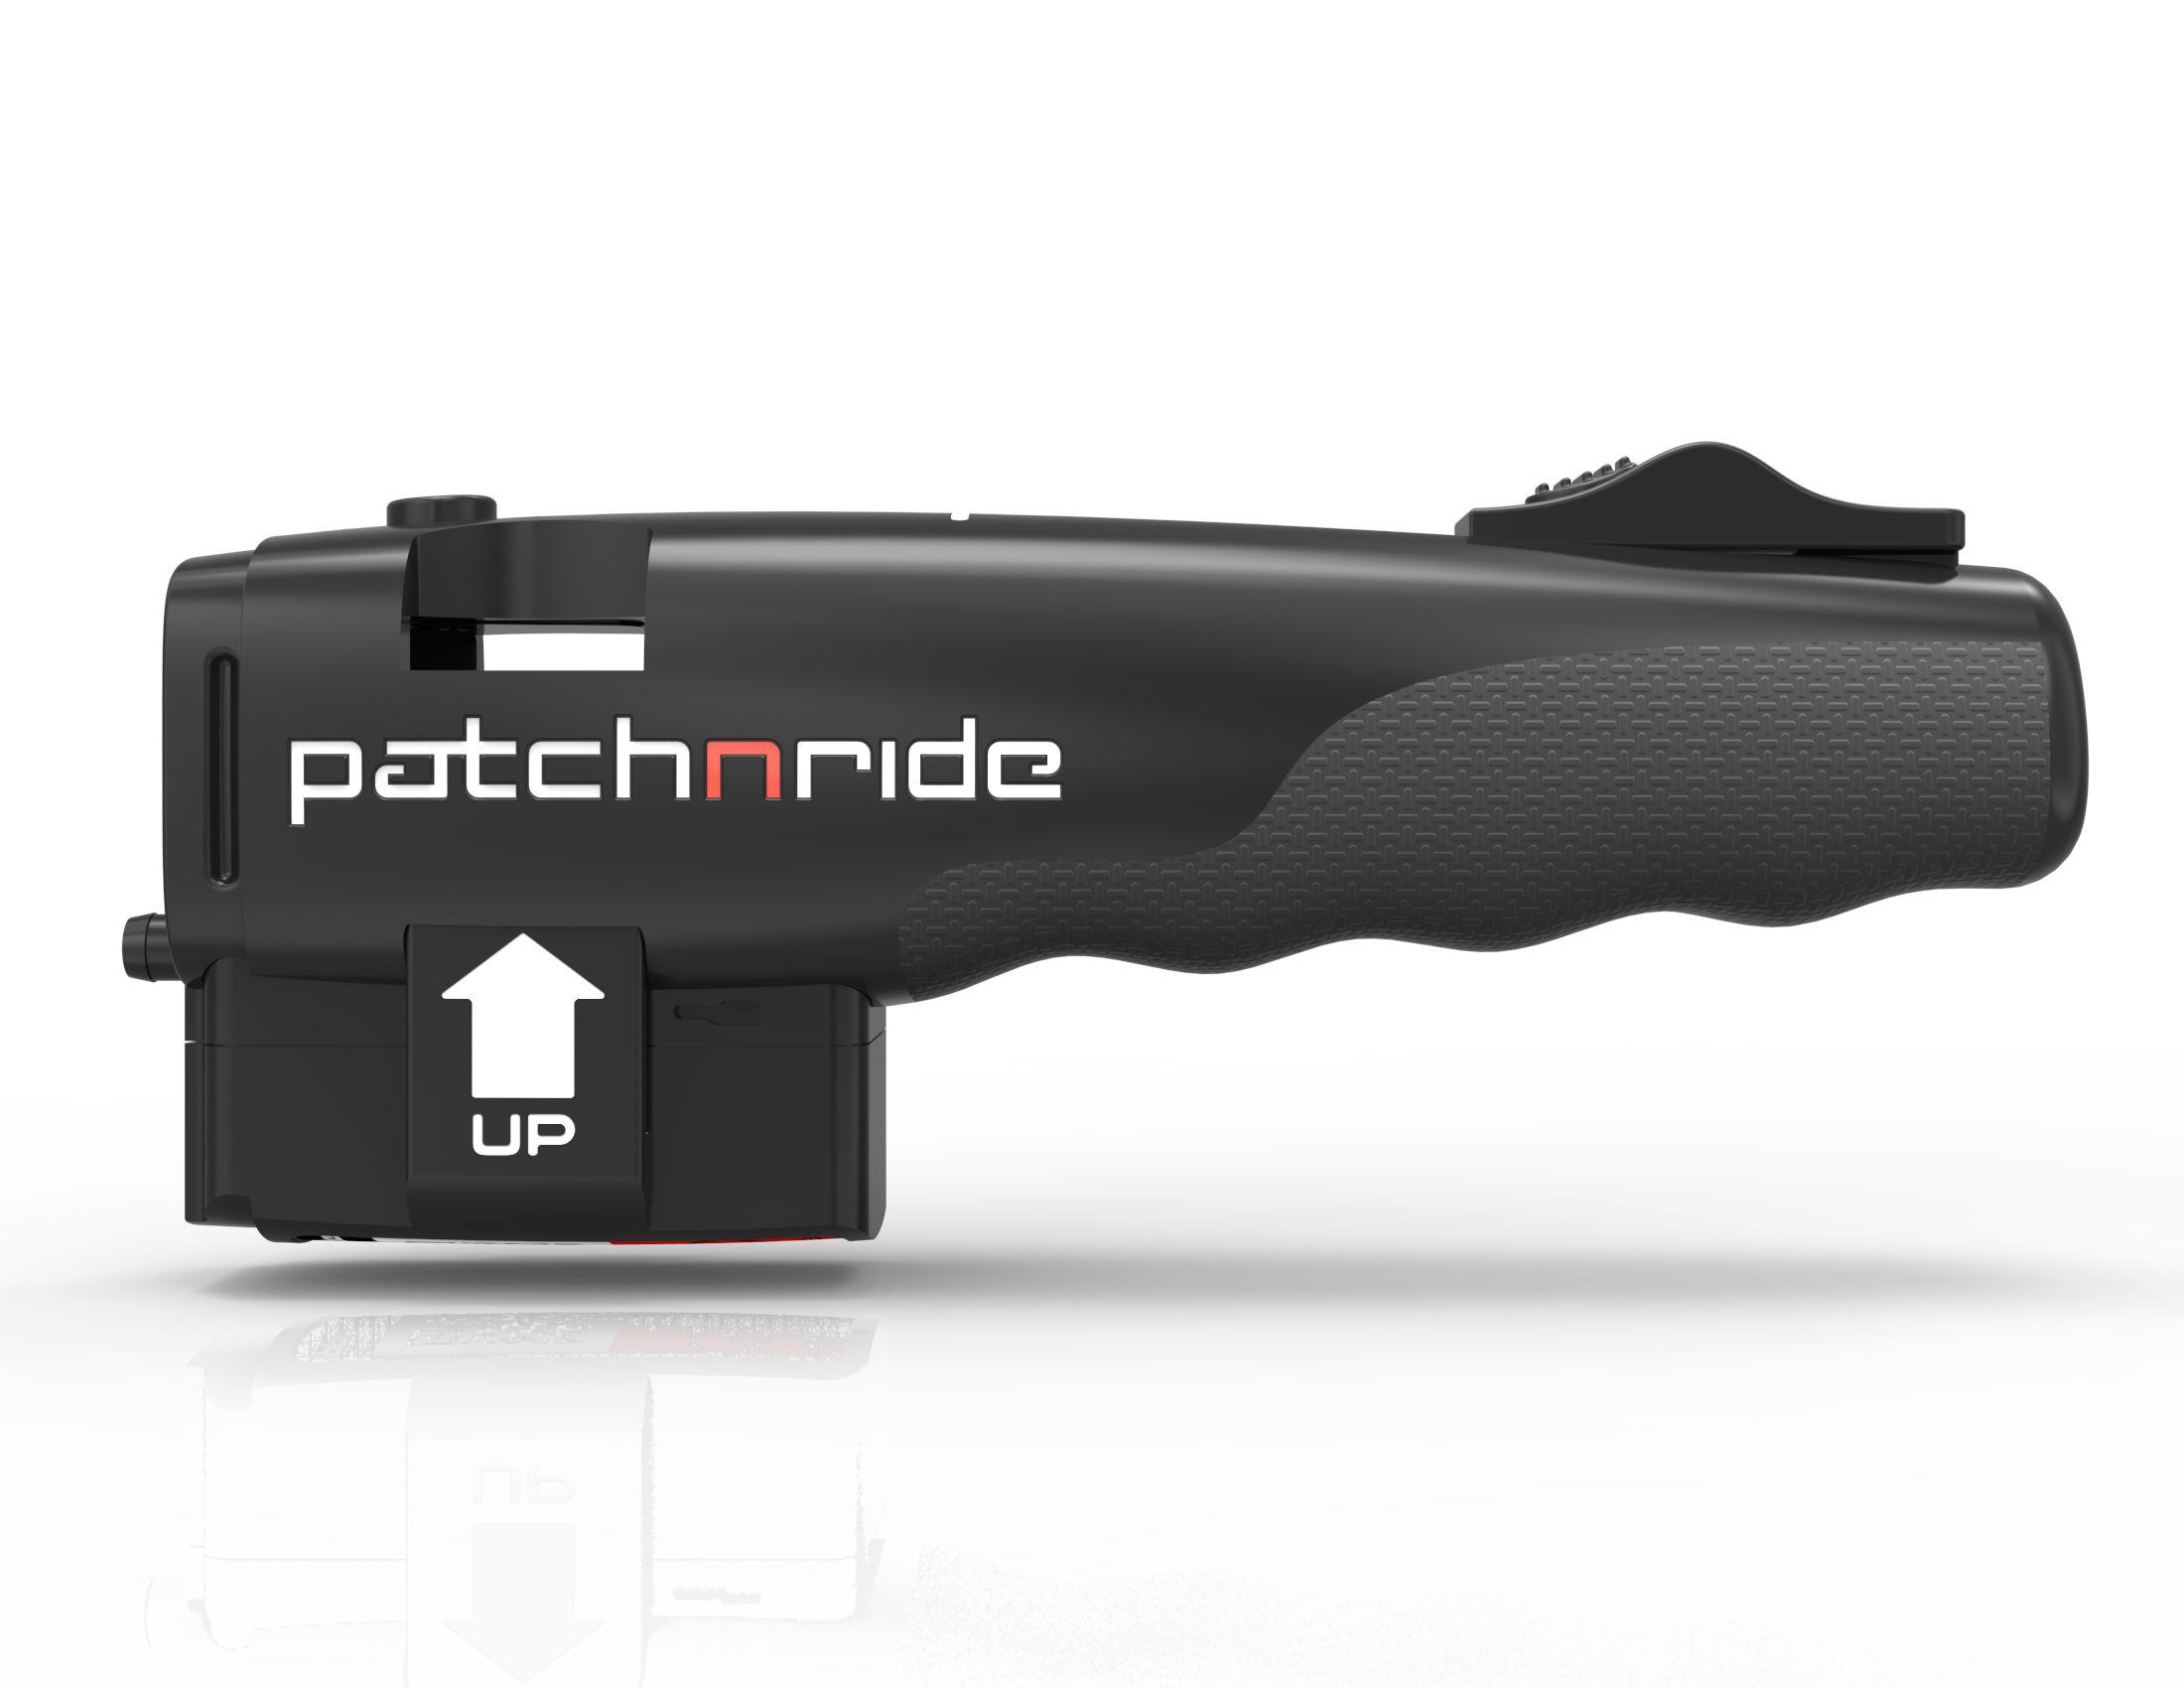 Der Injektor kann mit verschiedenen Patronen für Rennrad und Mountainbike befüllt werden.